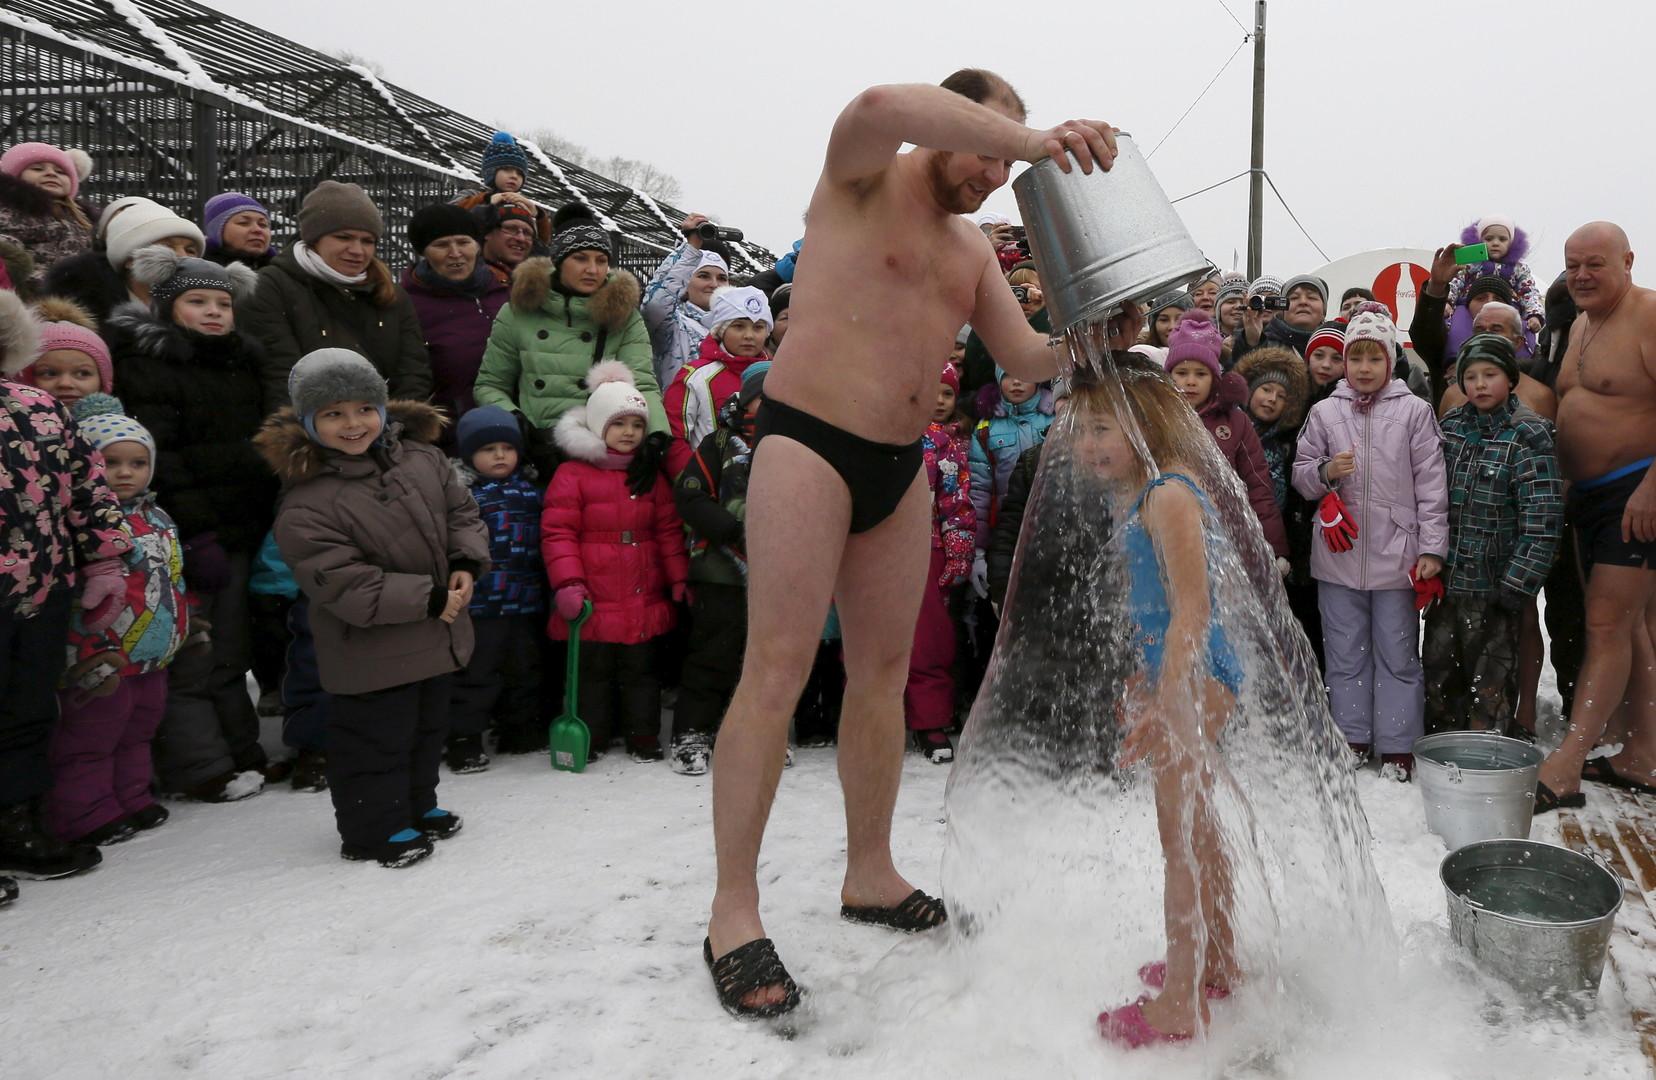 Grigory Browerman, Mitglied im Winterschwimm-Club in der sibirischen Stadt Krasnoyarsk, überschüttet seine 6-jährige Tochter mit einem Eimer kaltem Wasser